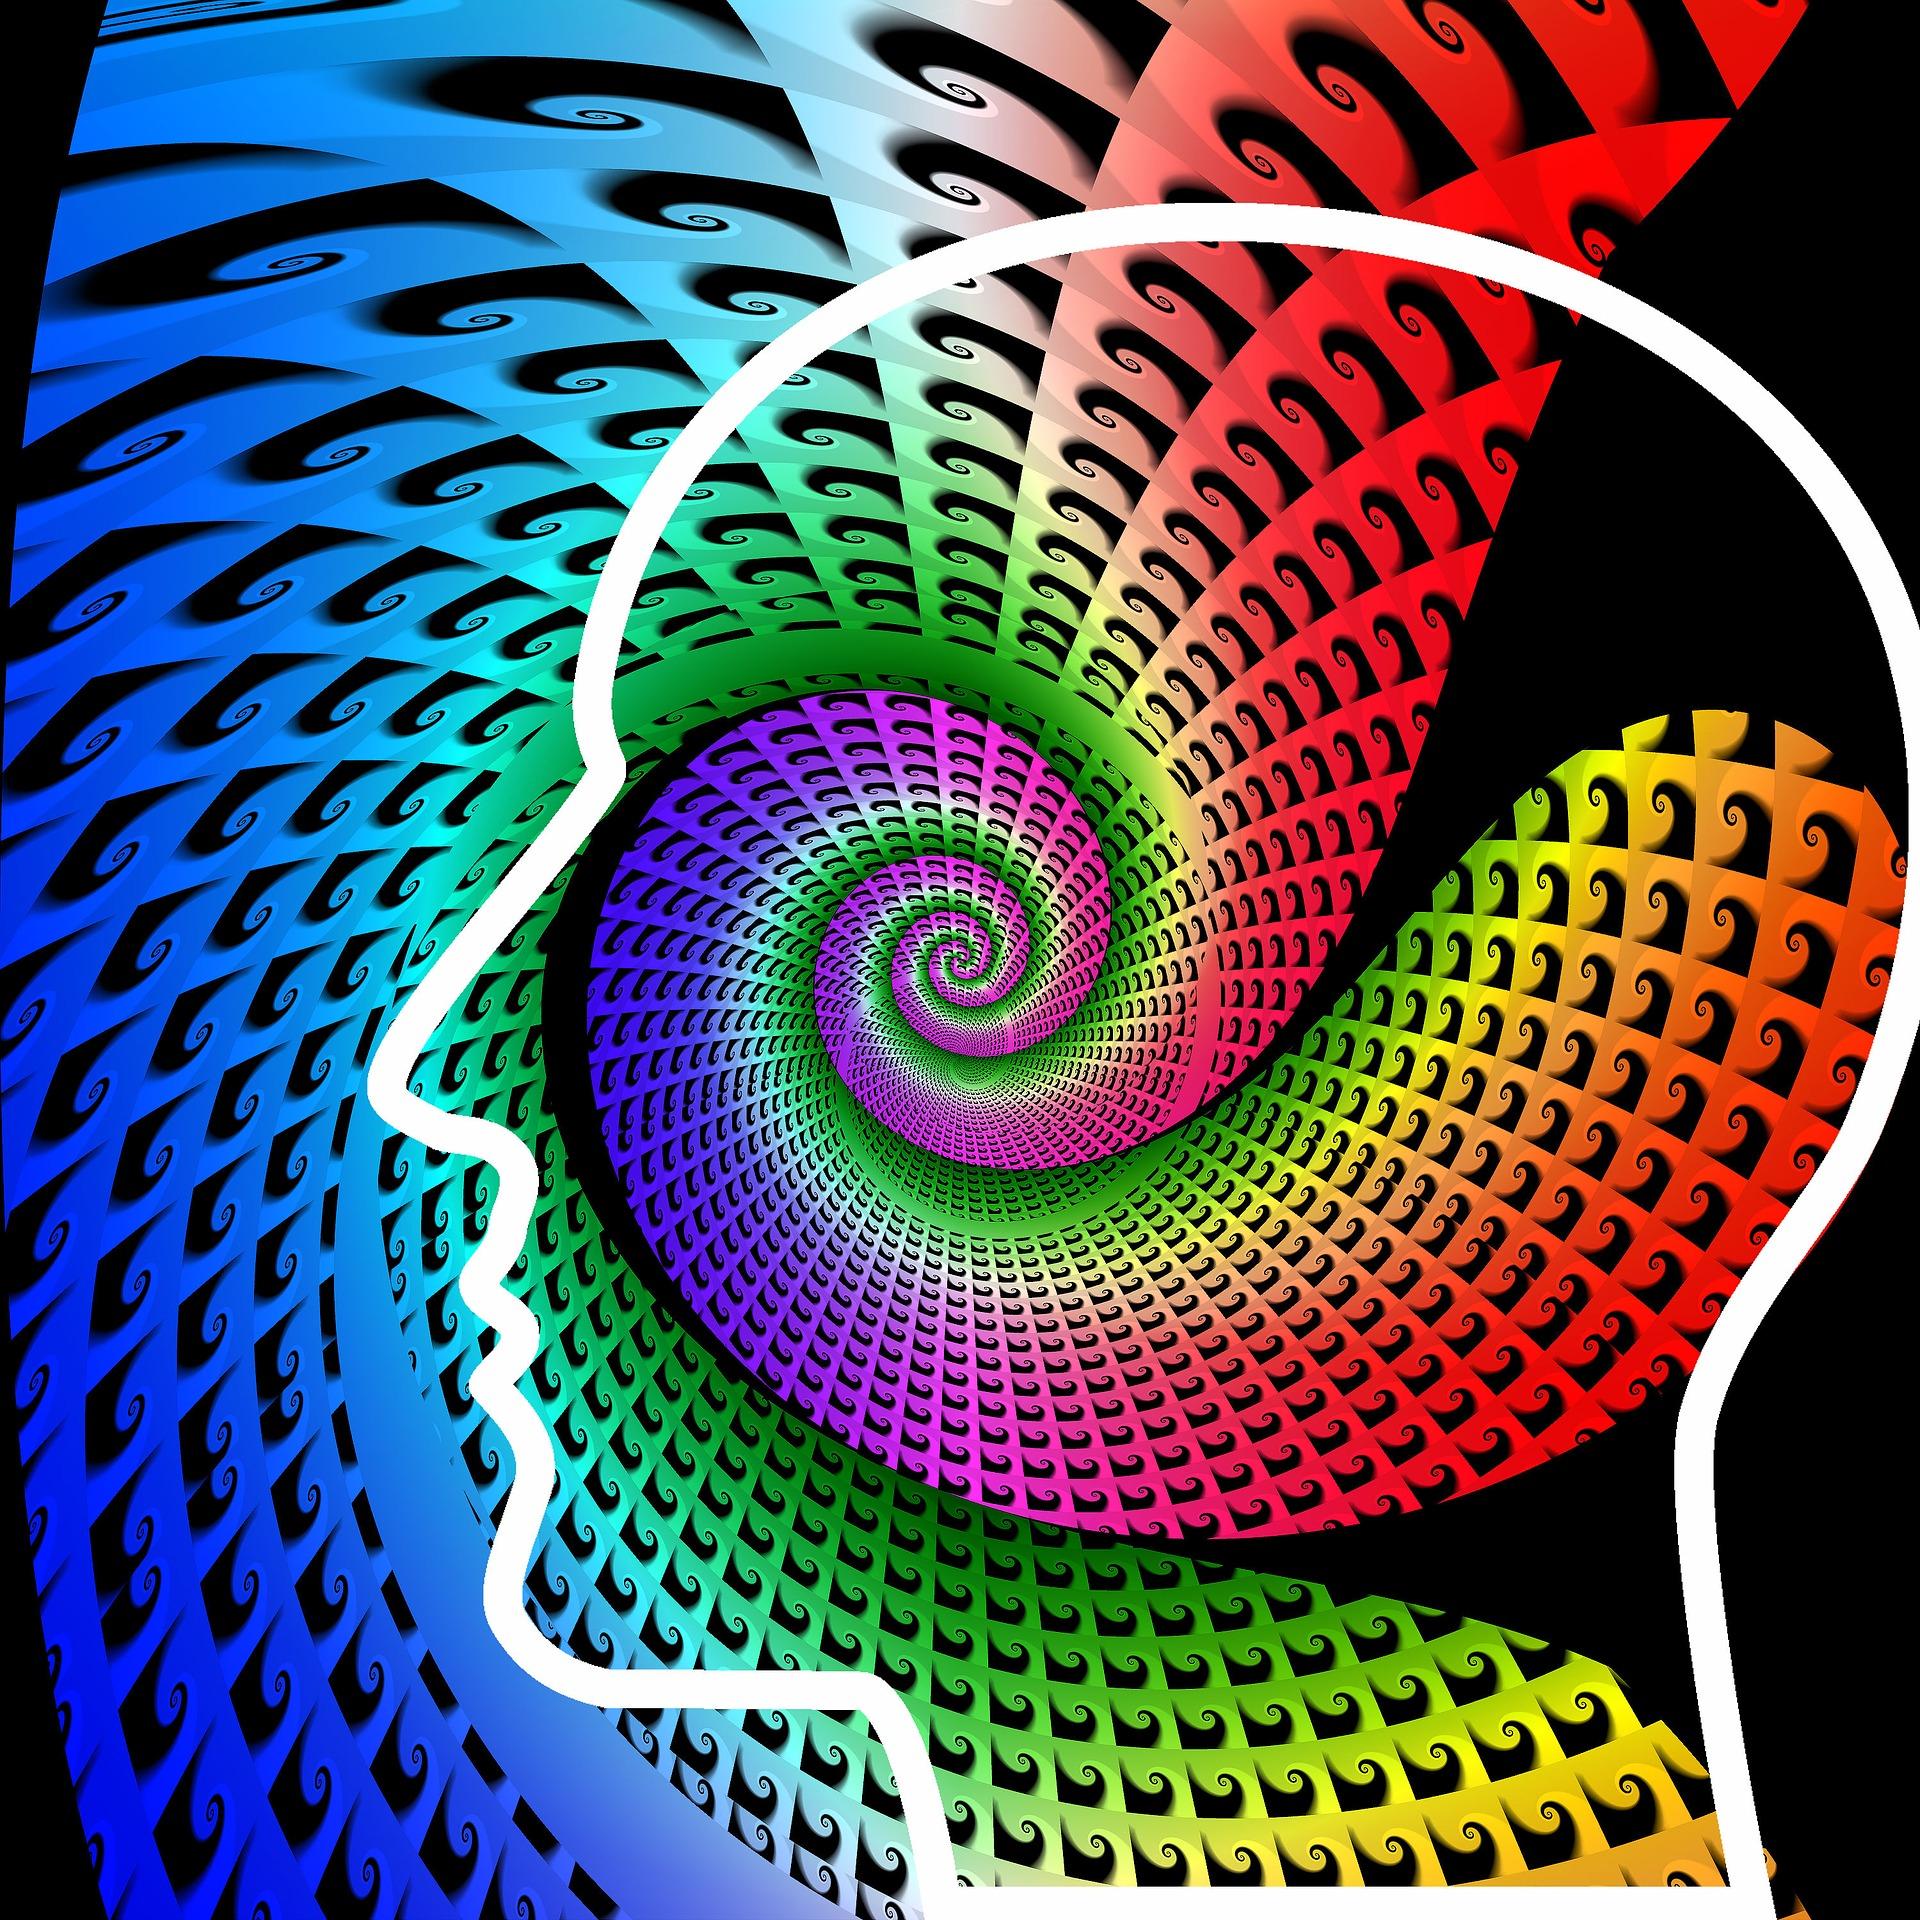 cérebro, psicologia, comportamentos, pessoa